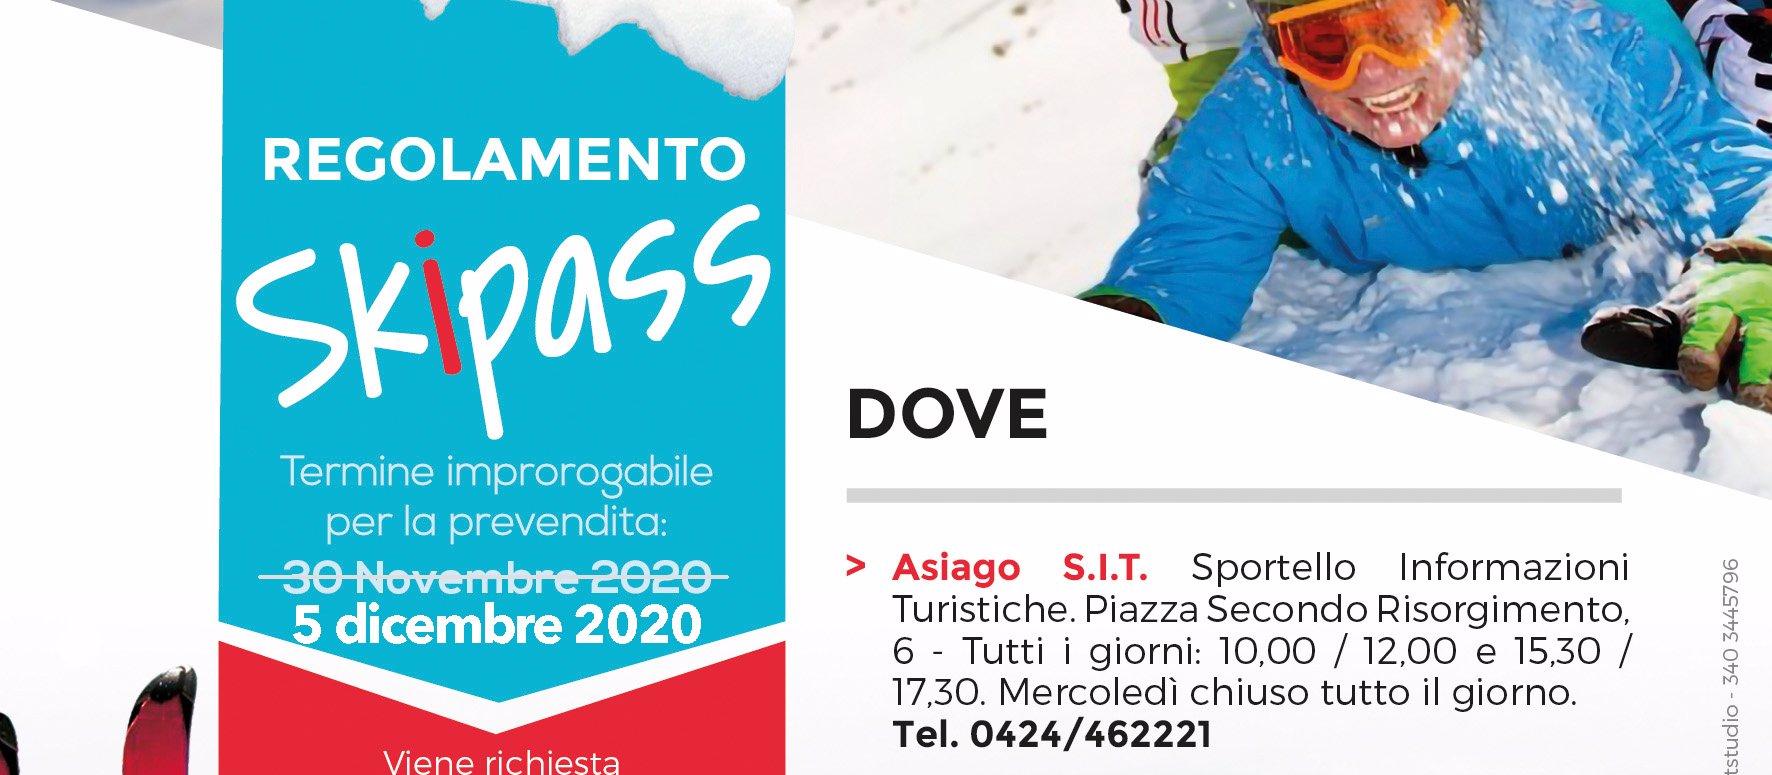 regolamento skipass altopiano di asiago 2020 ski a